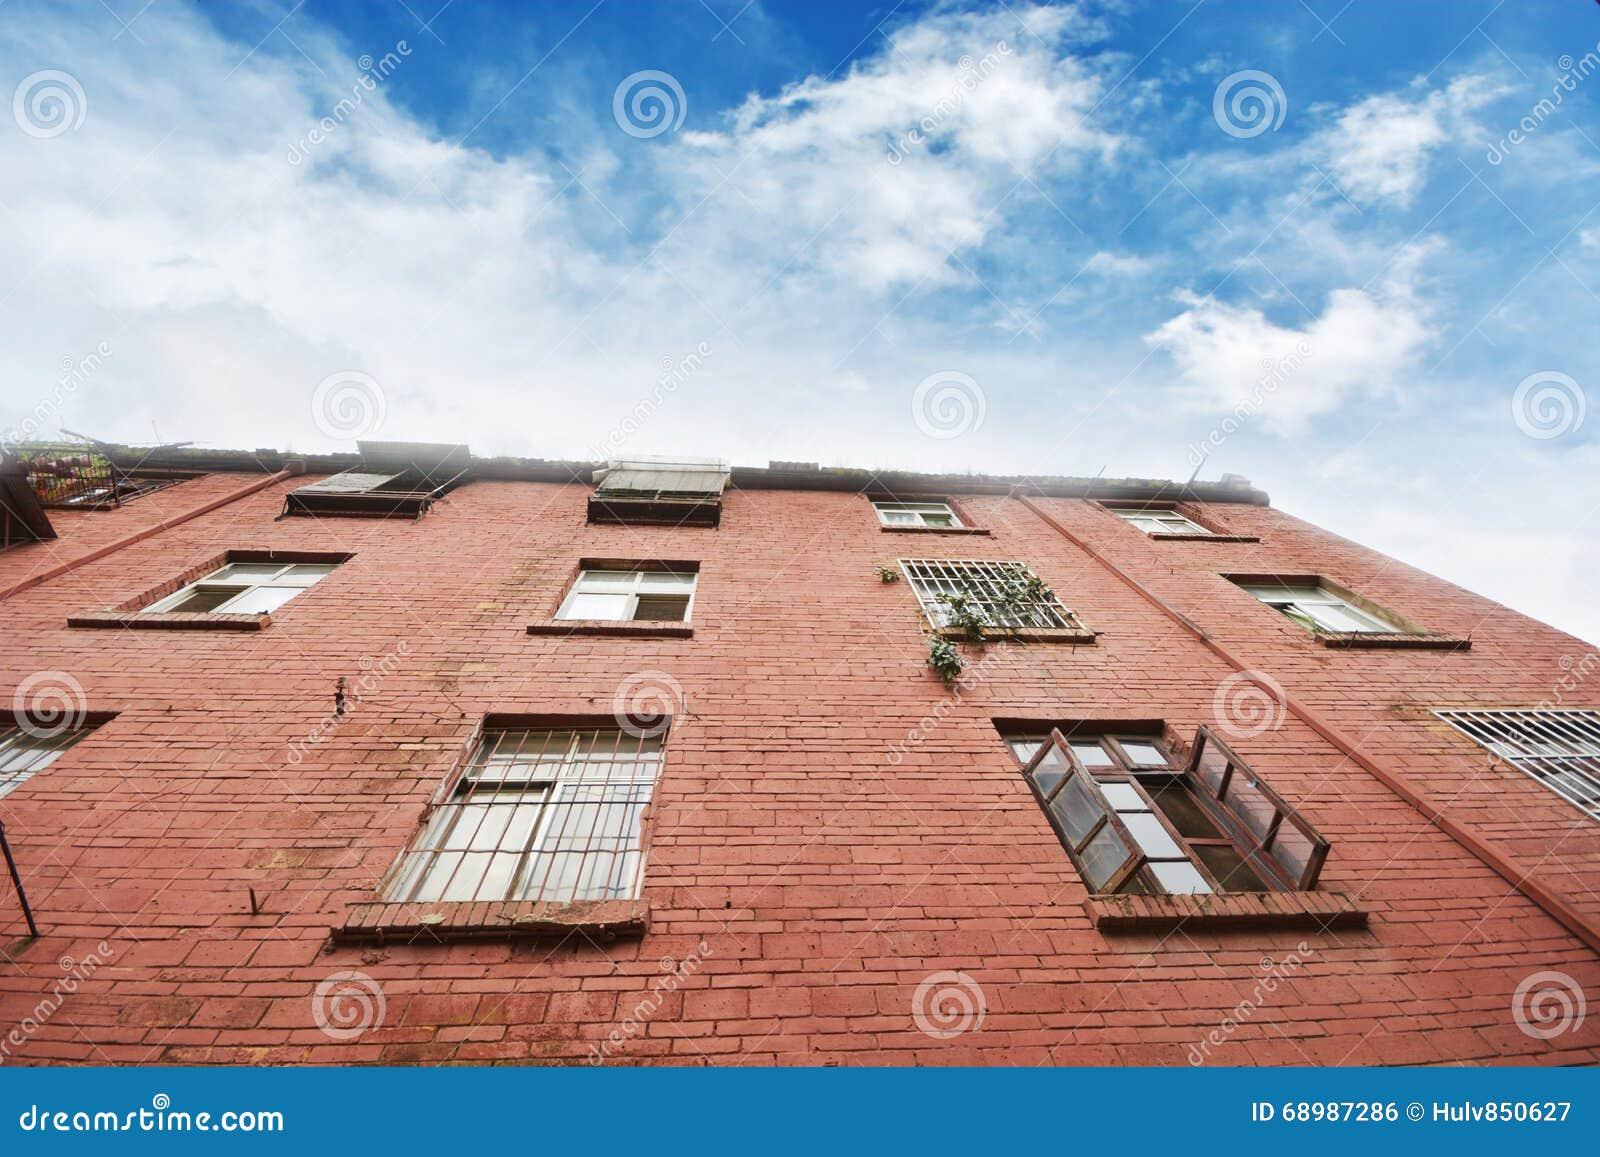 Apartamentos viejos con un cielo azul